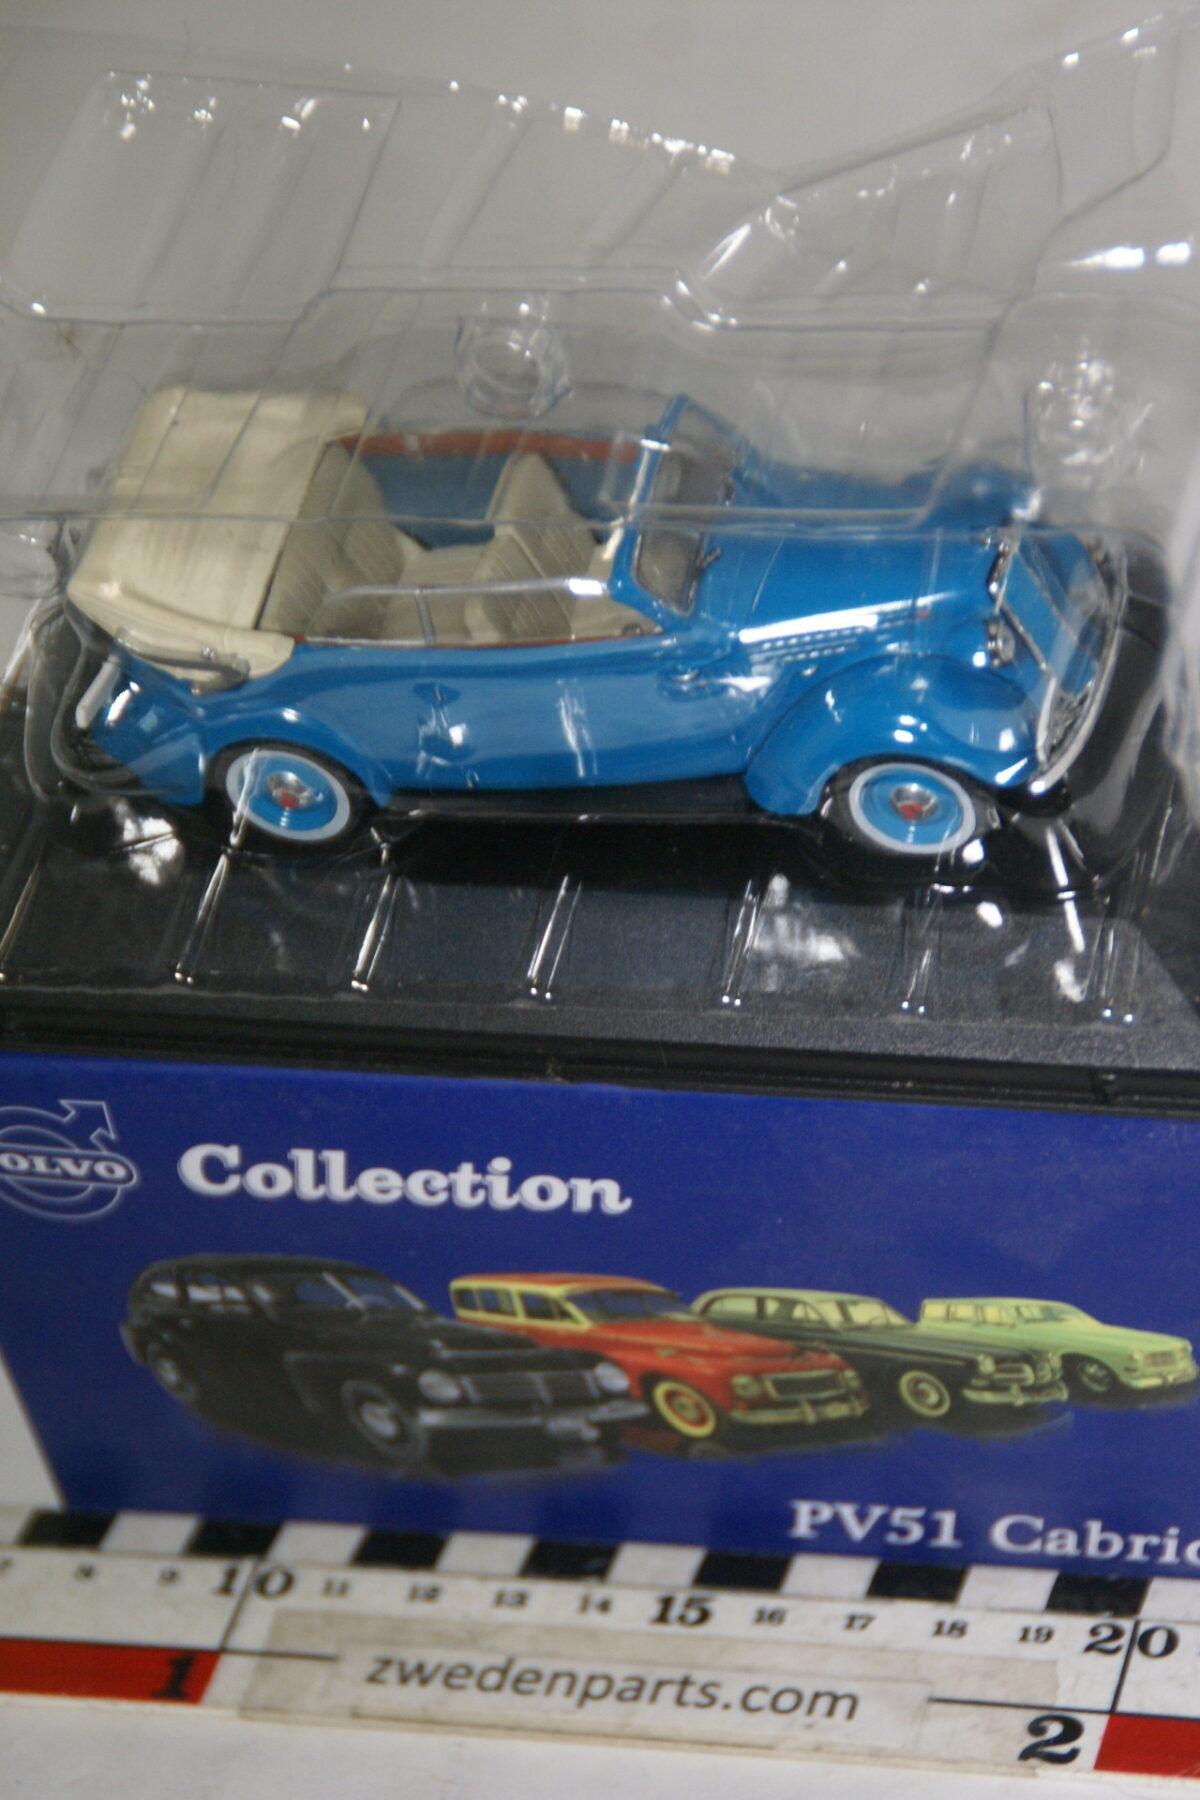 DSC00508 miniatuur Volvo PV51 Cabriolet blauw 1op43 Atlas 63 nieuw in originele verpakking-0262172e